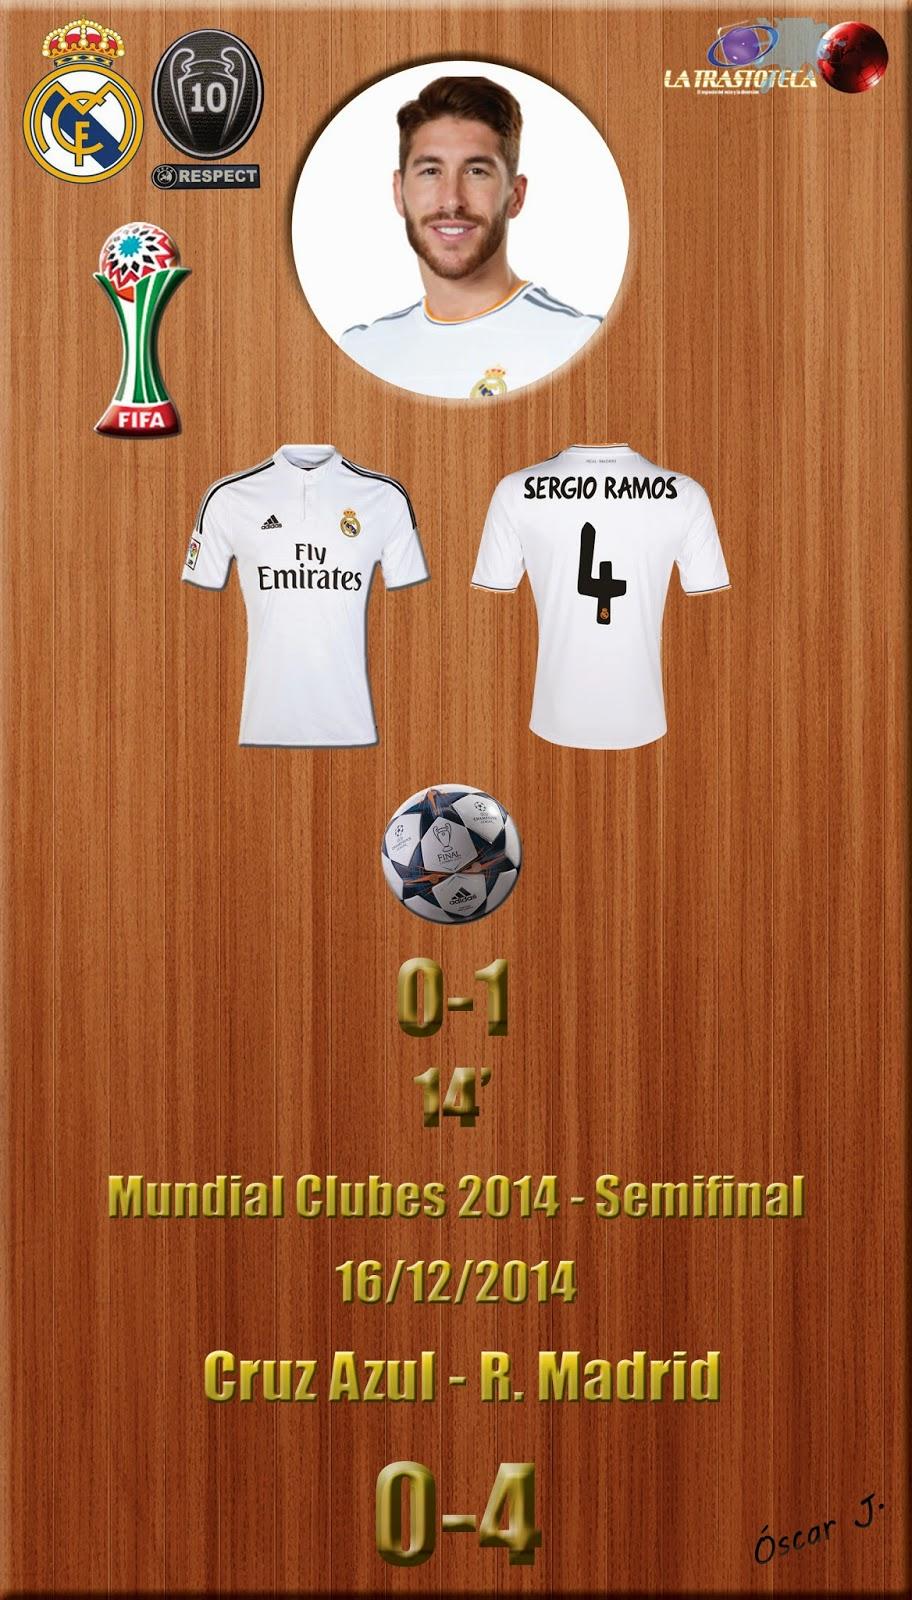 Sergio Ramos (0-1) - Cruz Azul 0-4 Real Madrid - Mundial de Clubes de la FIFA MARRUECOS 2014 - Semifinales (16/12/2014)